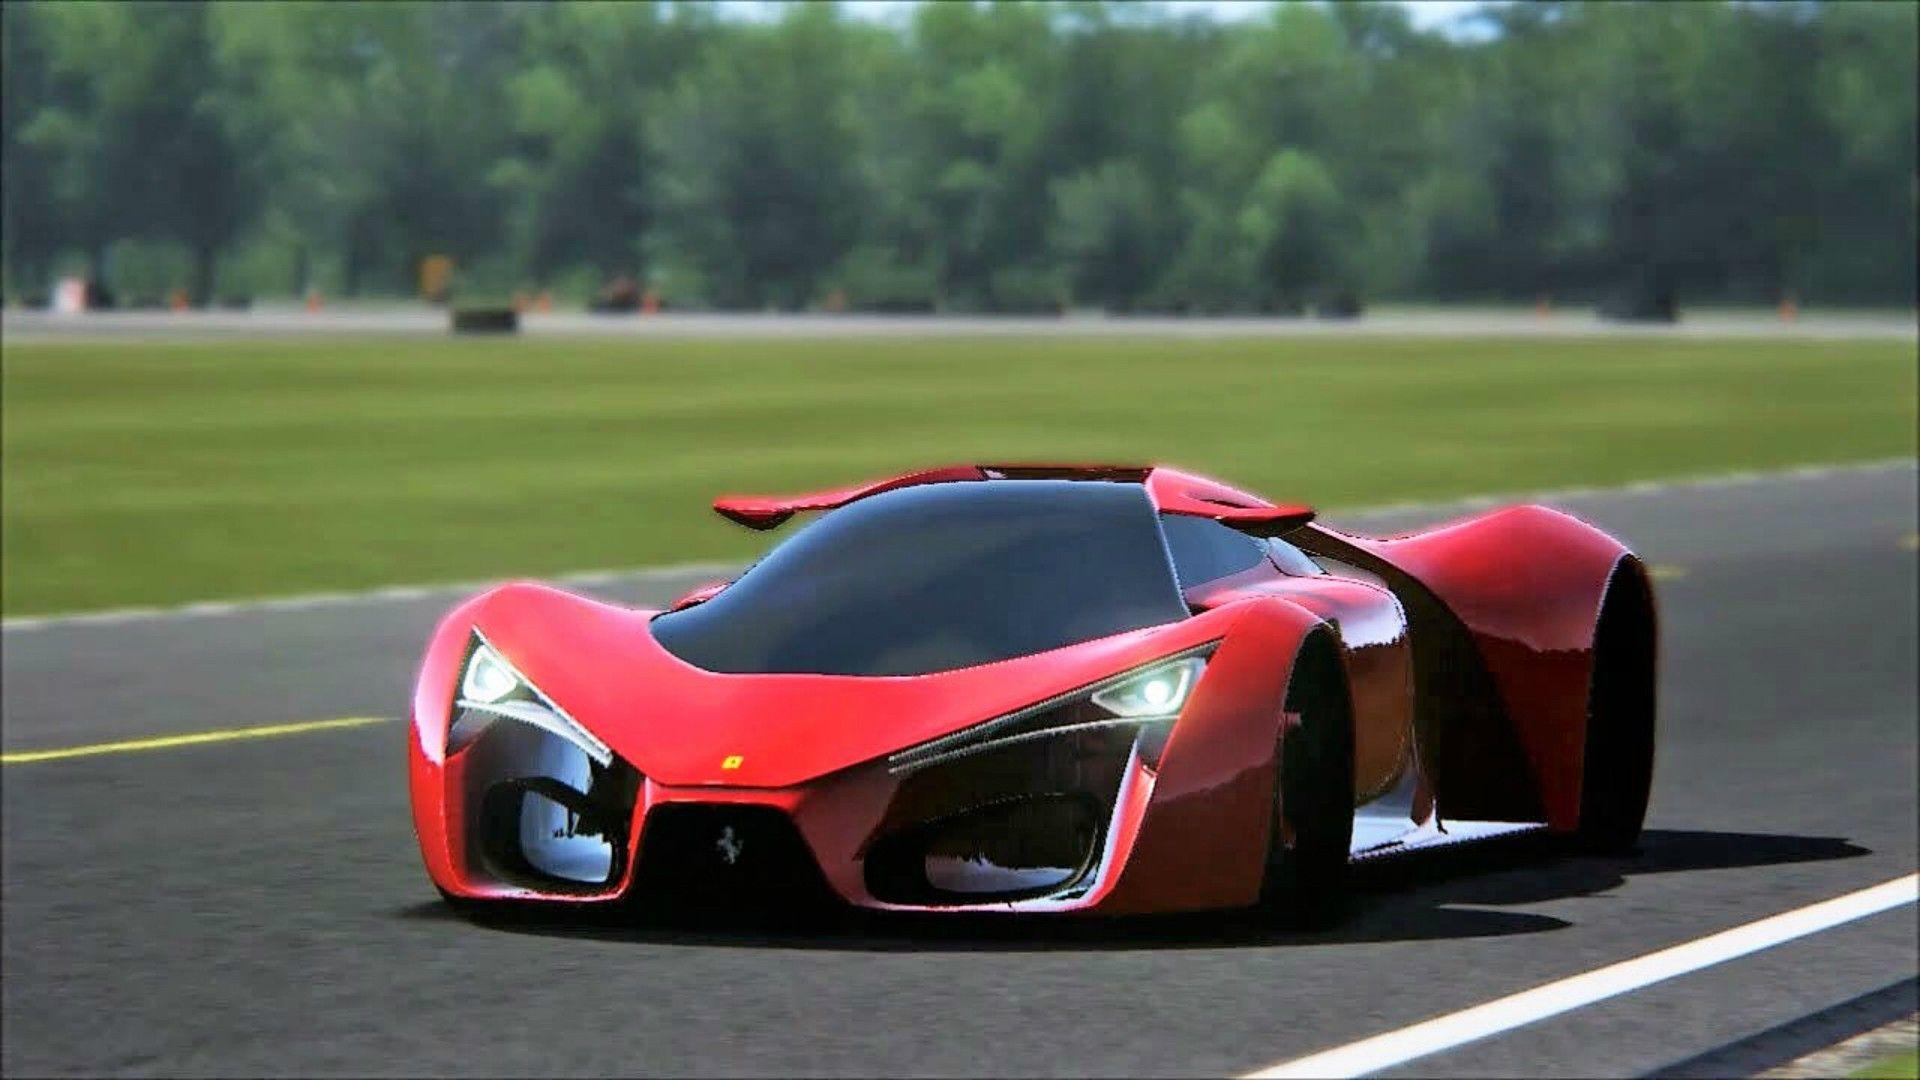 Ferrari La Ferrari >> Annunciata da Sergio Marchionne, come sarà fatta la ...